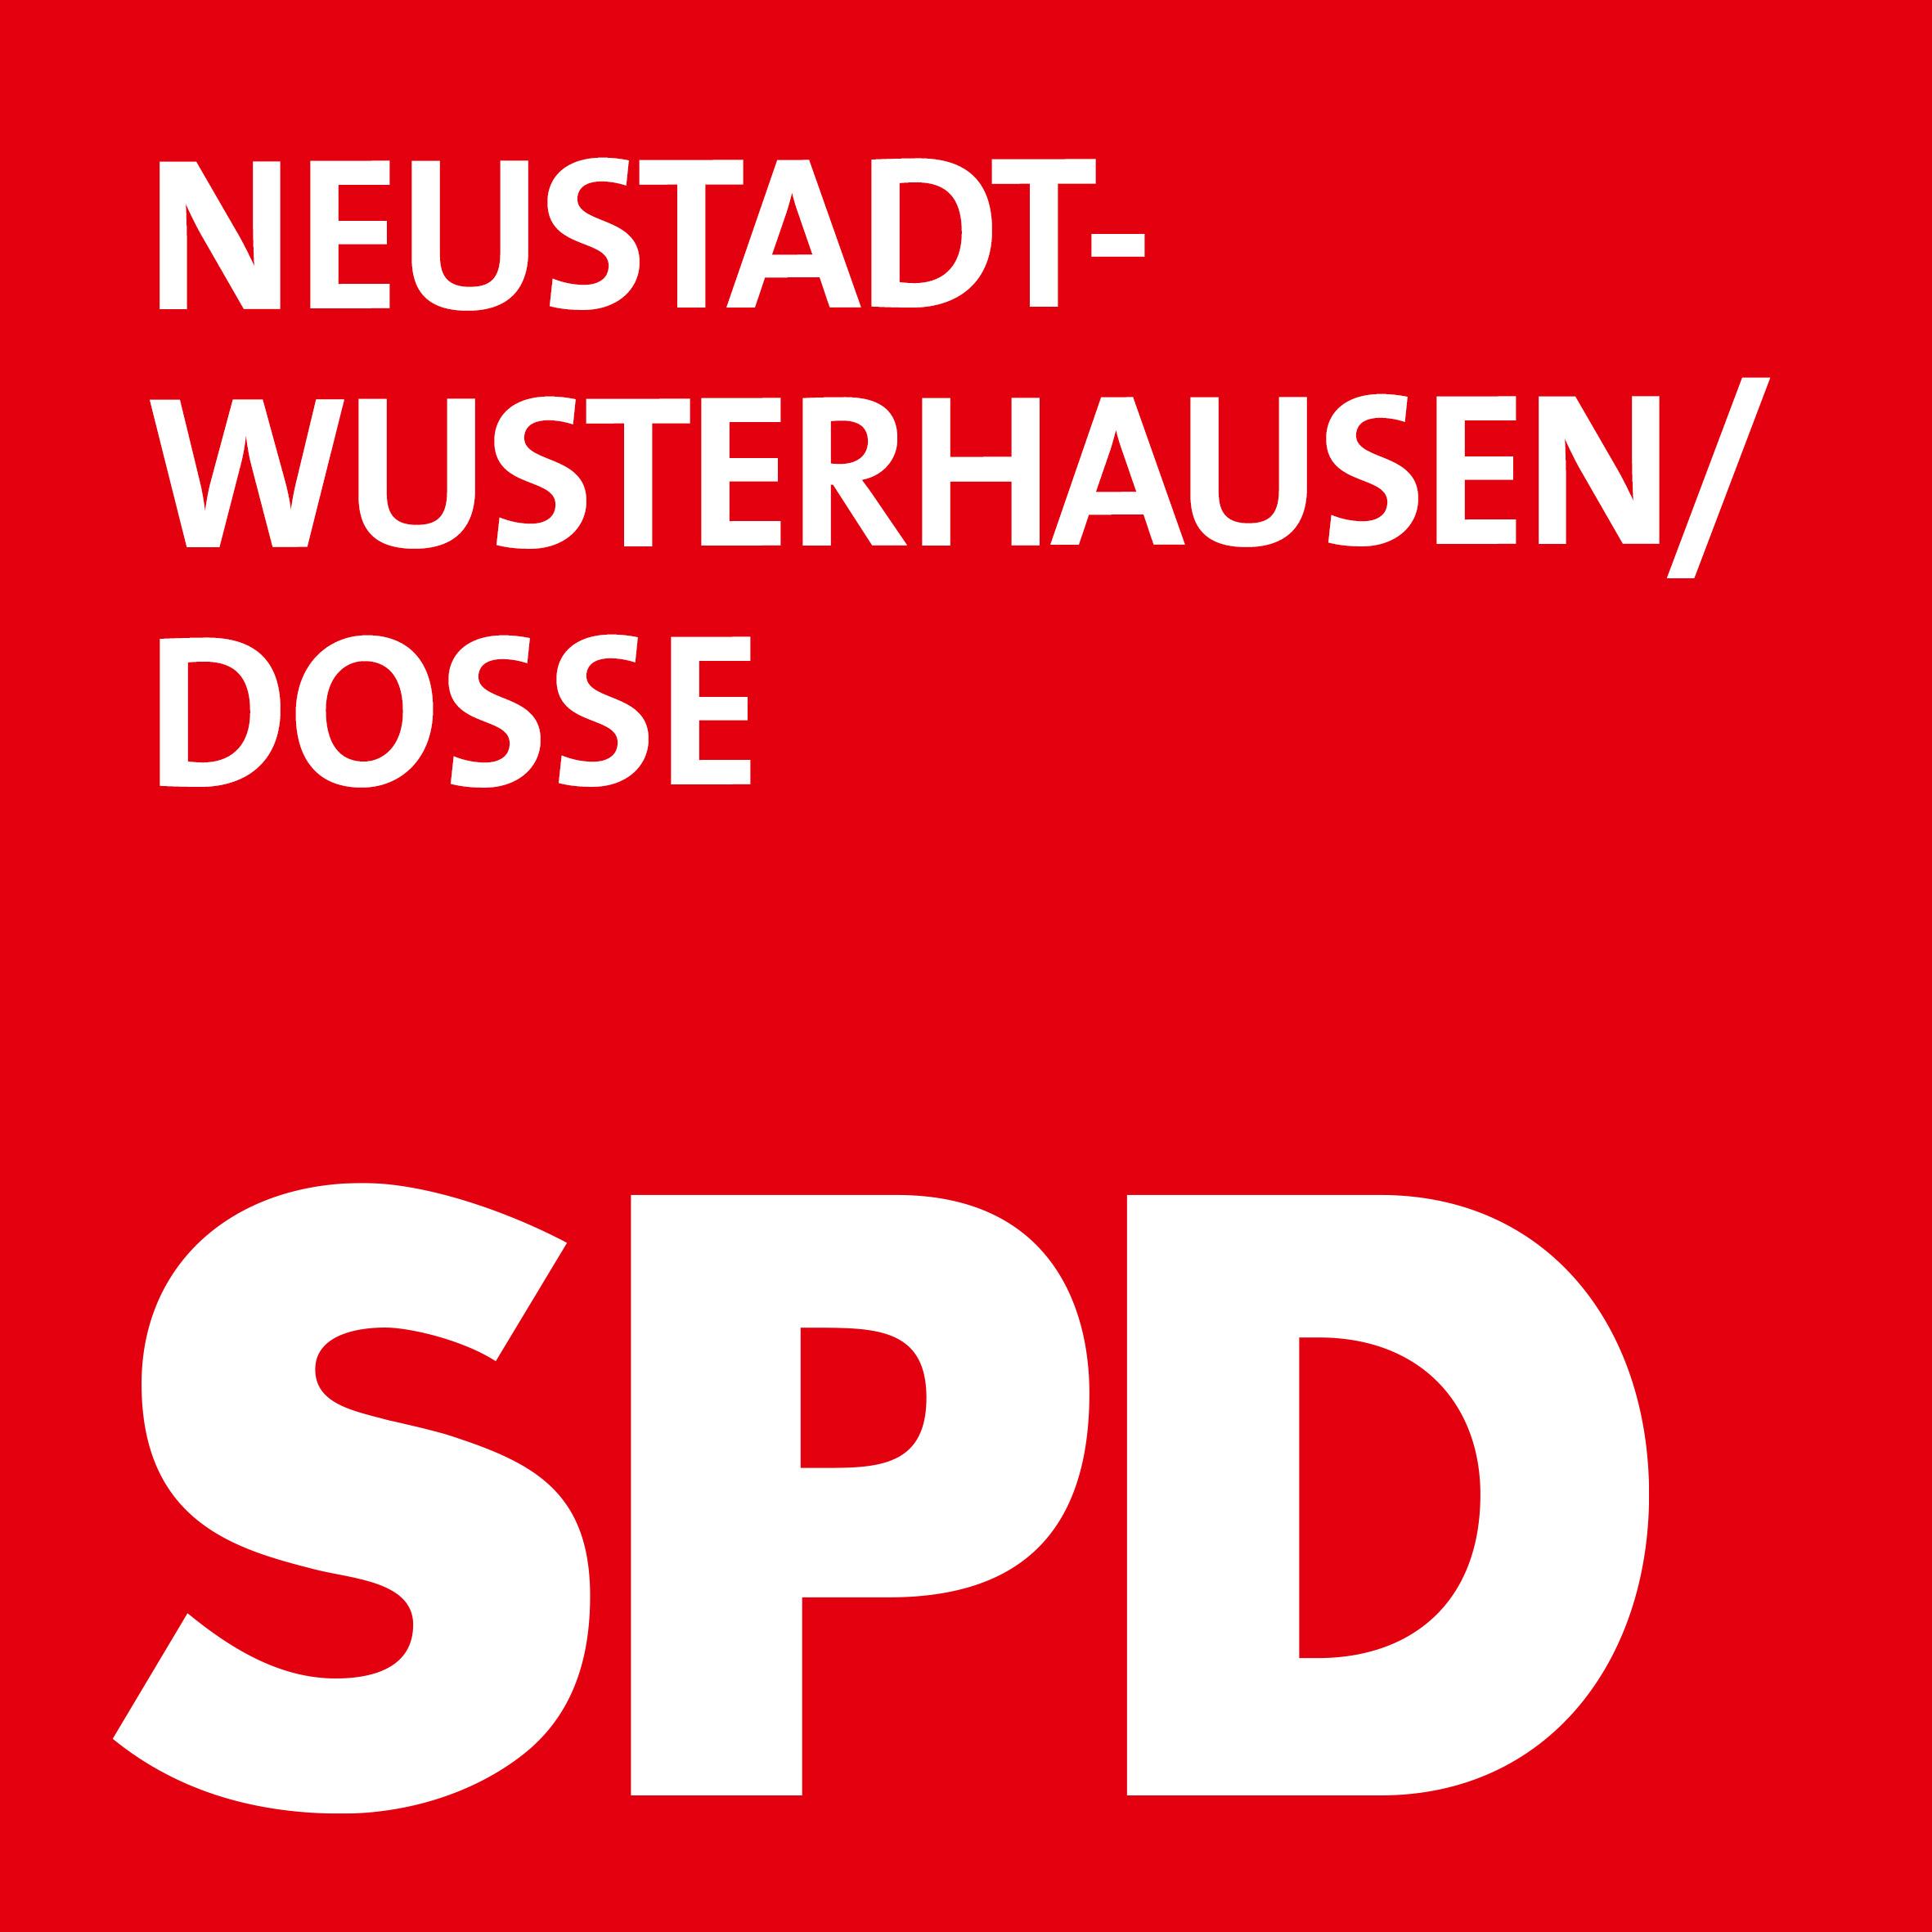 SPD Neustadt-Wusterhausen/Dosse